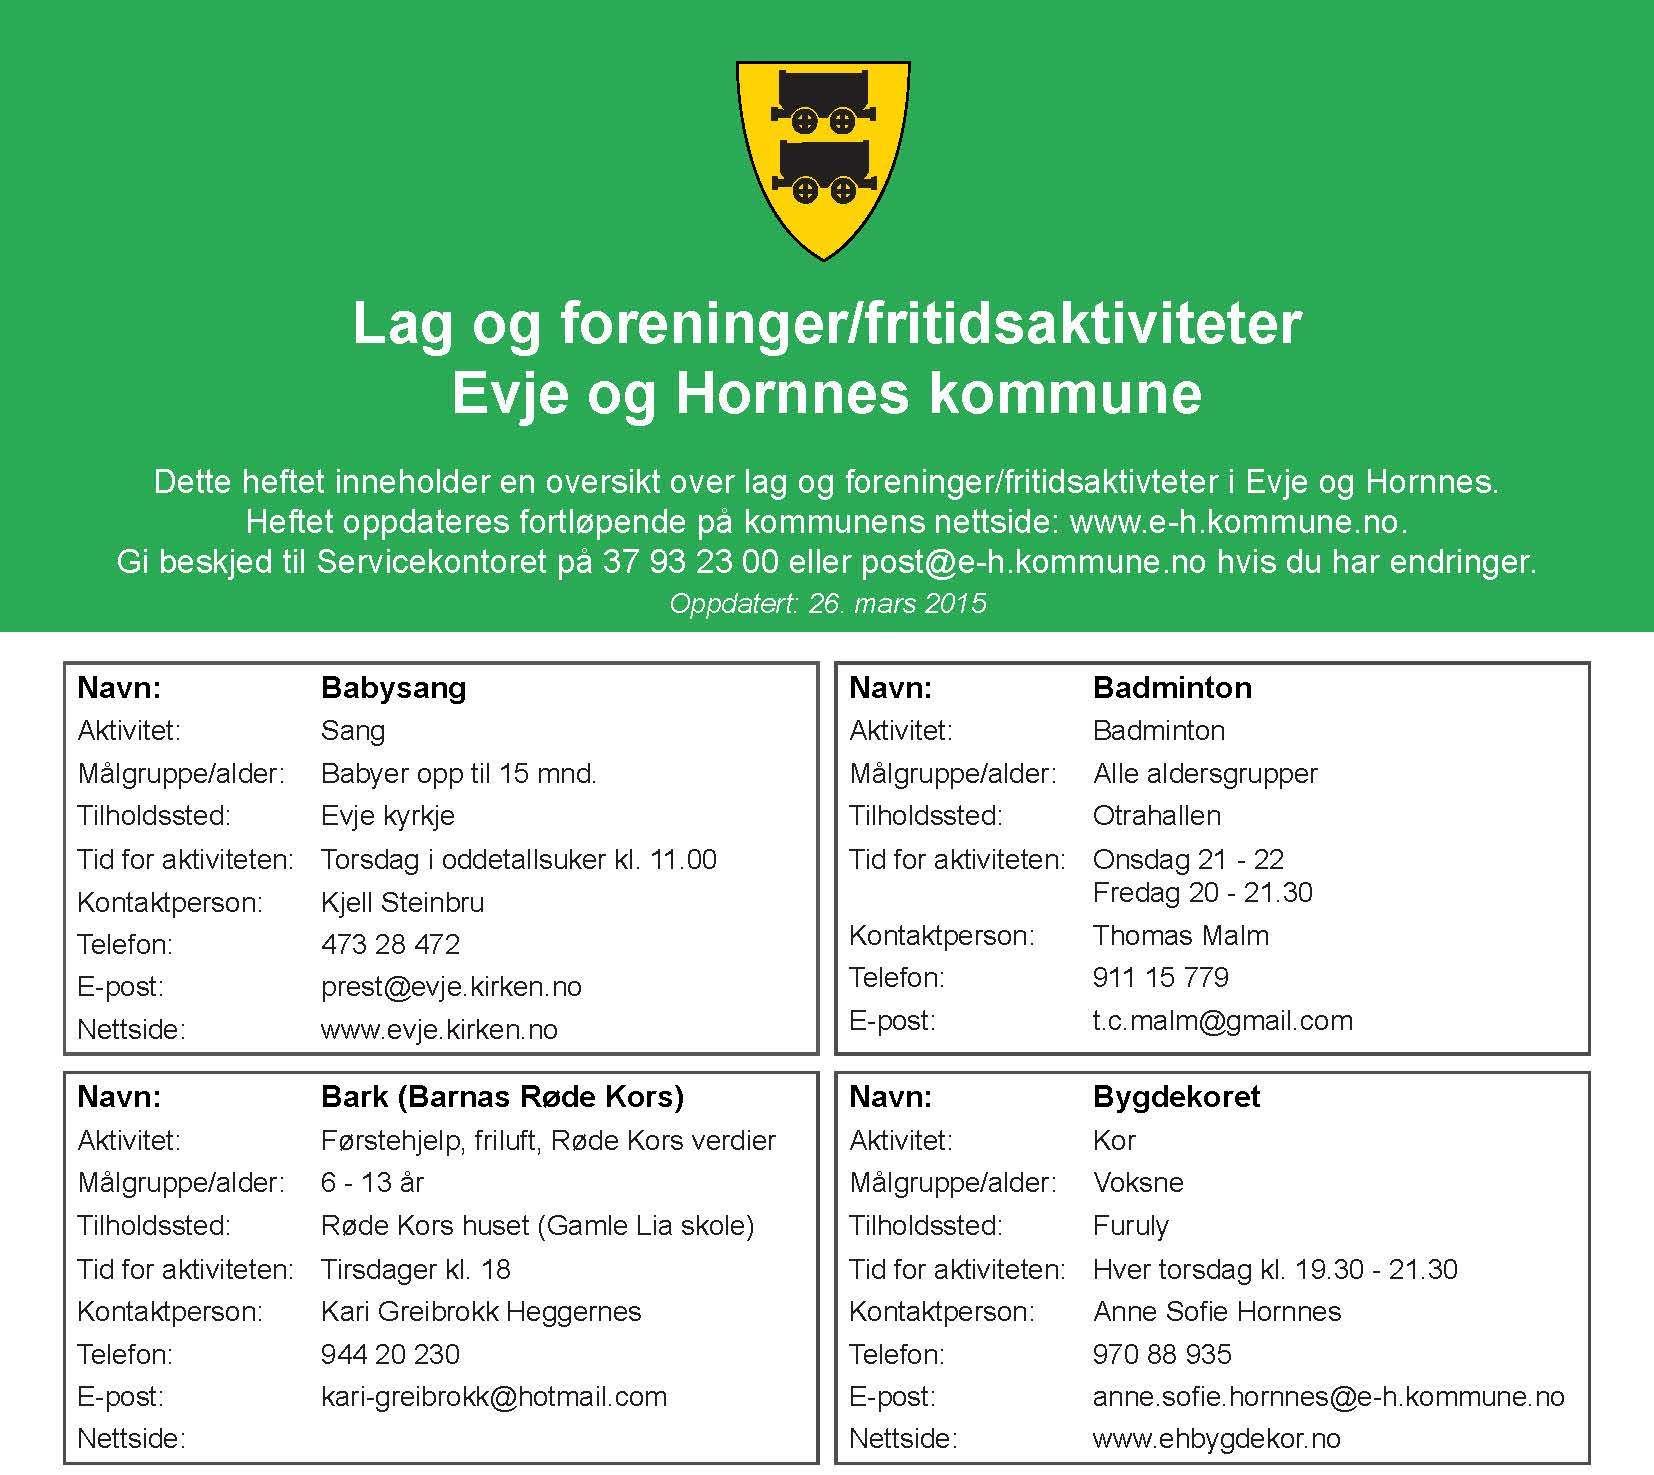 Lag og foreninger_fritidsaktiviteter i Evje og Hornnes.jpg